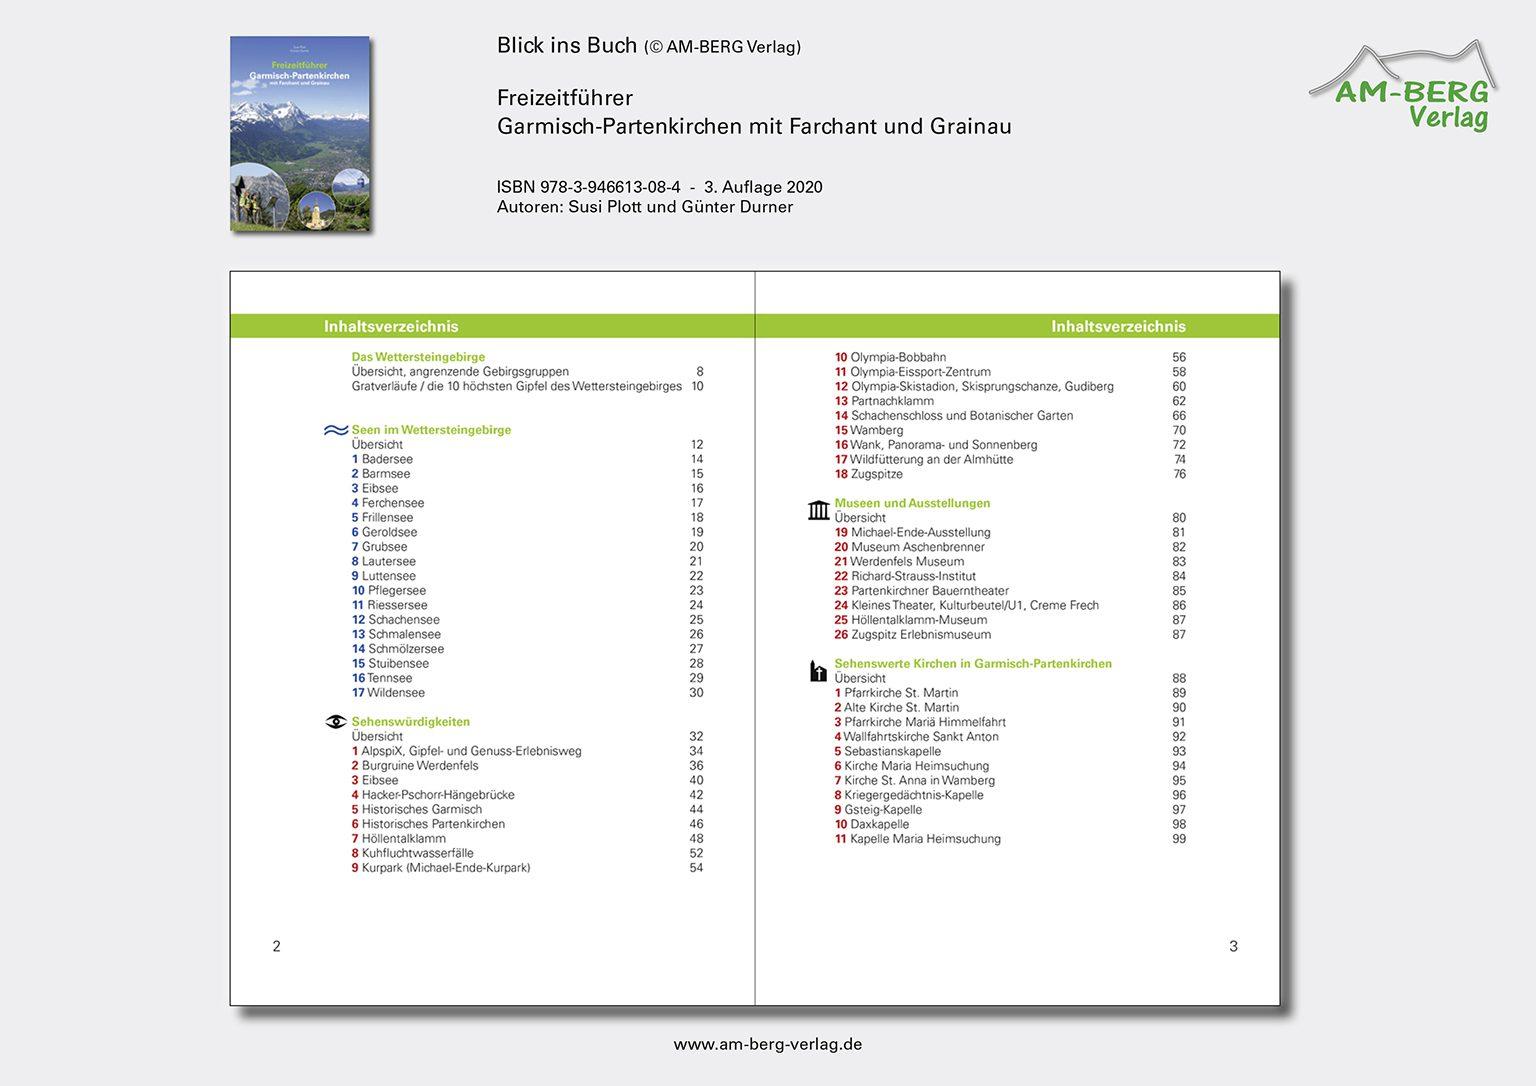 Freizeitführer Garmisch-Partenkirchen mit Farchant und Grainau_BlickinsBuch02